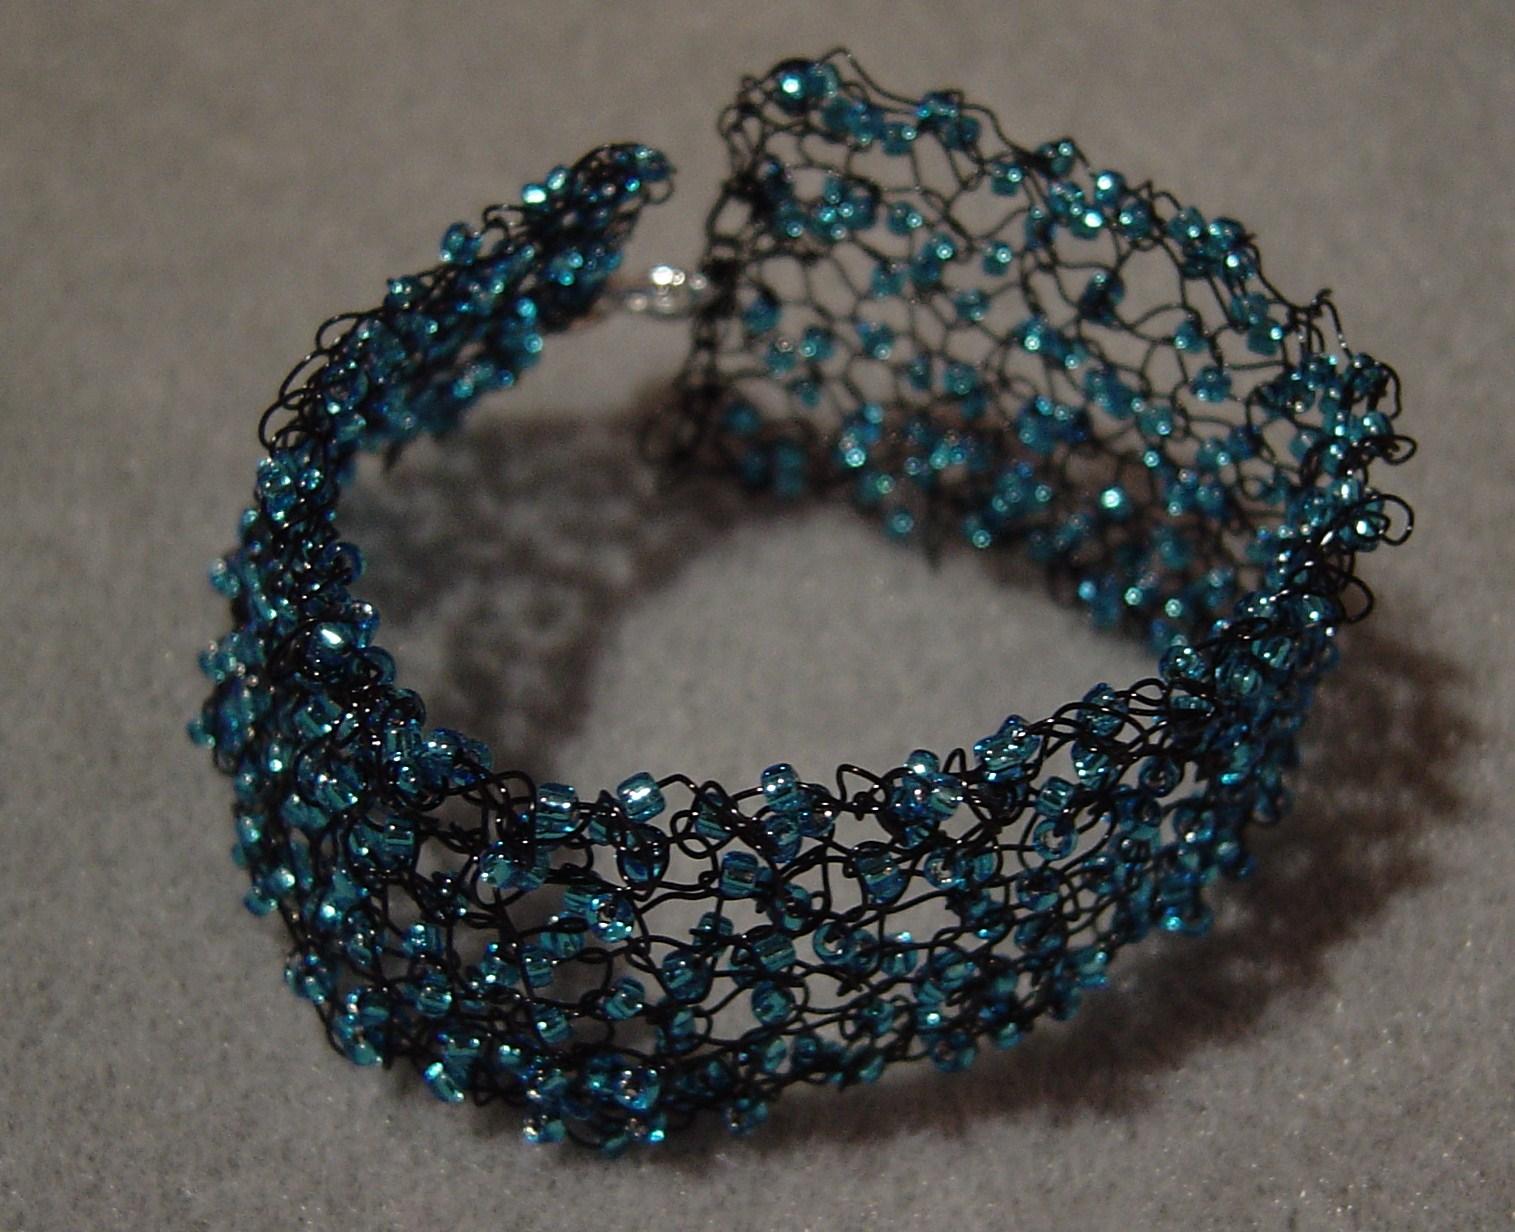 angela smith jewellery how to knit a bracelet